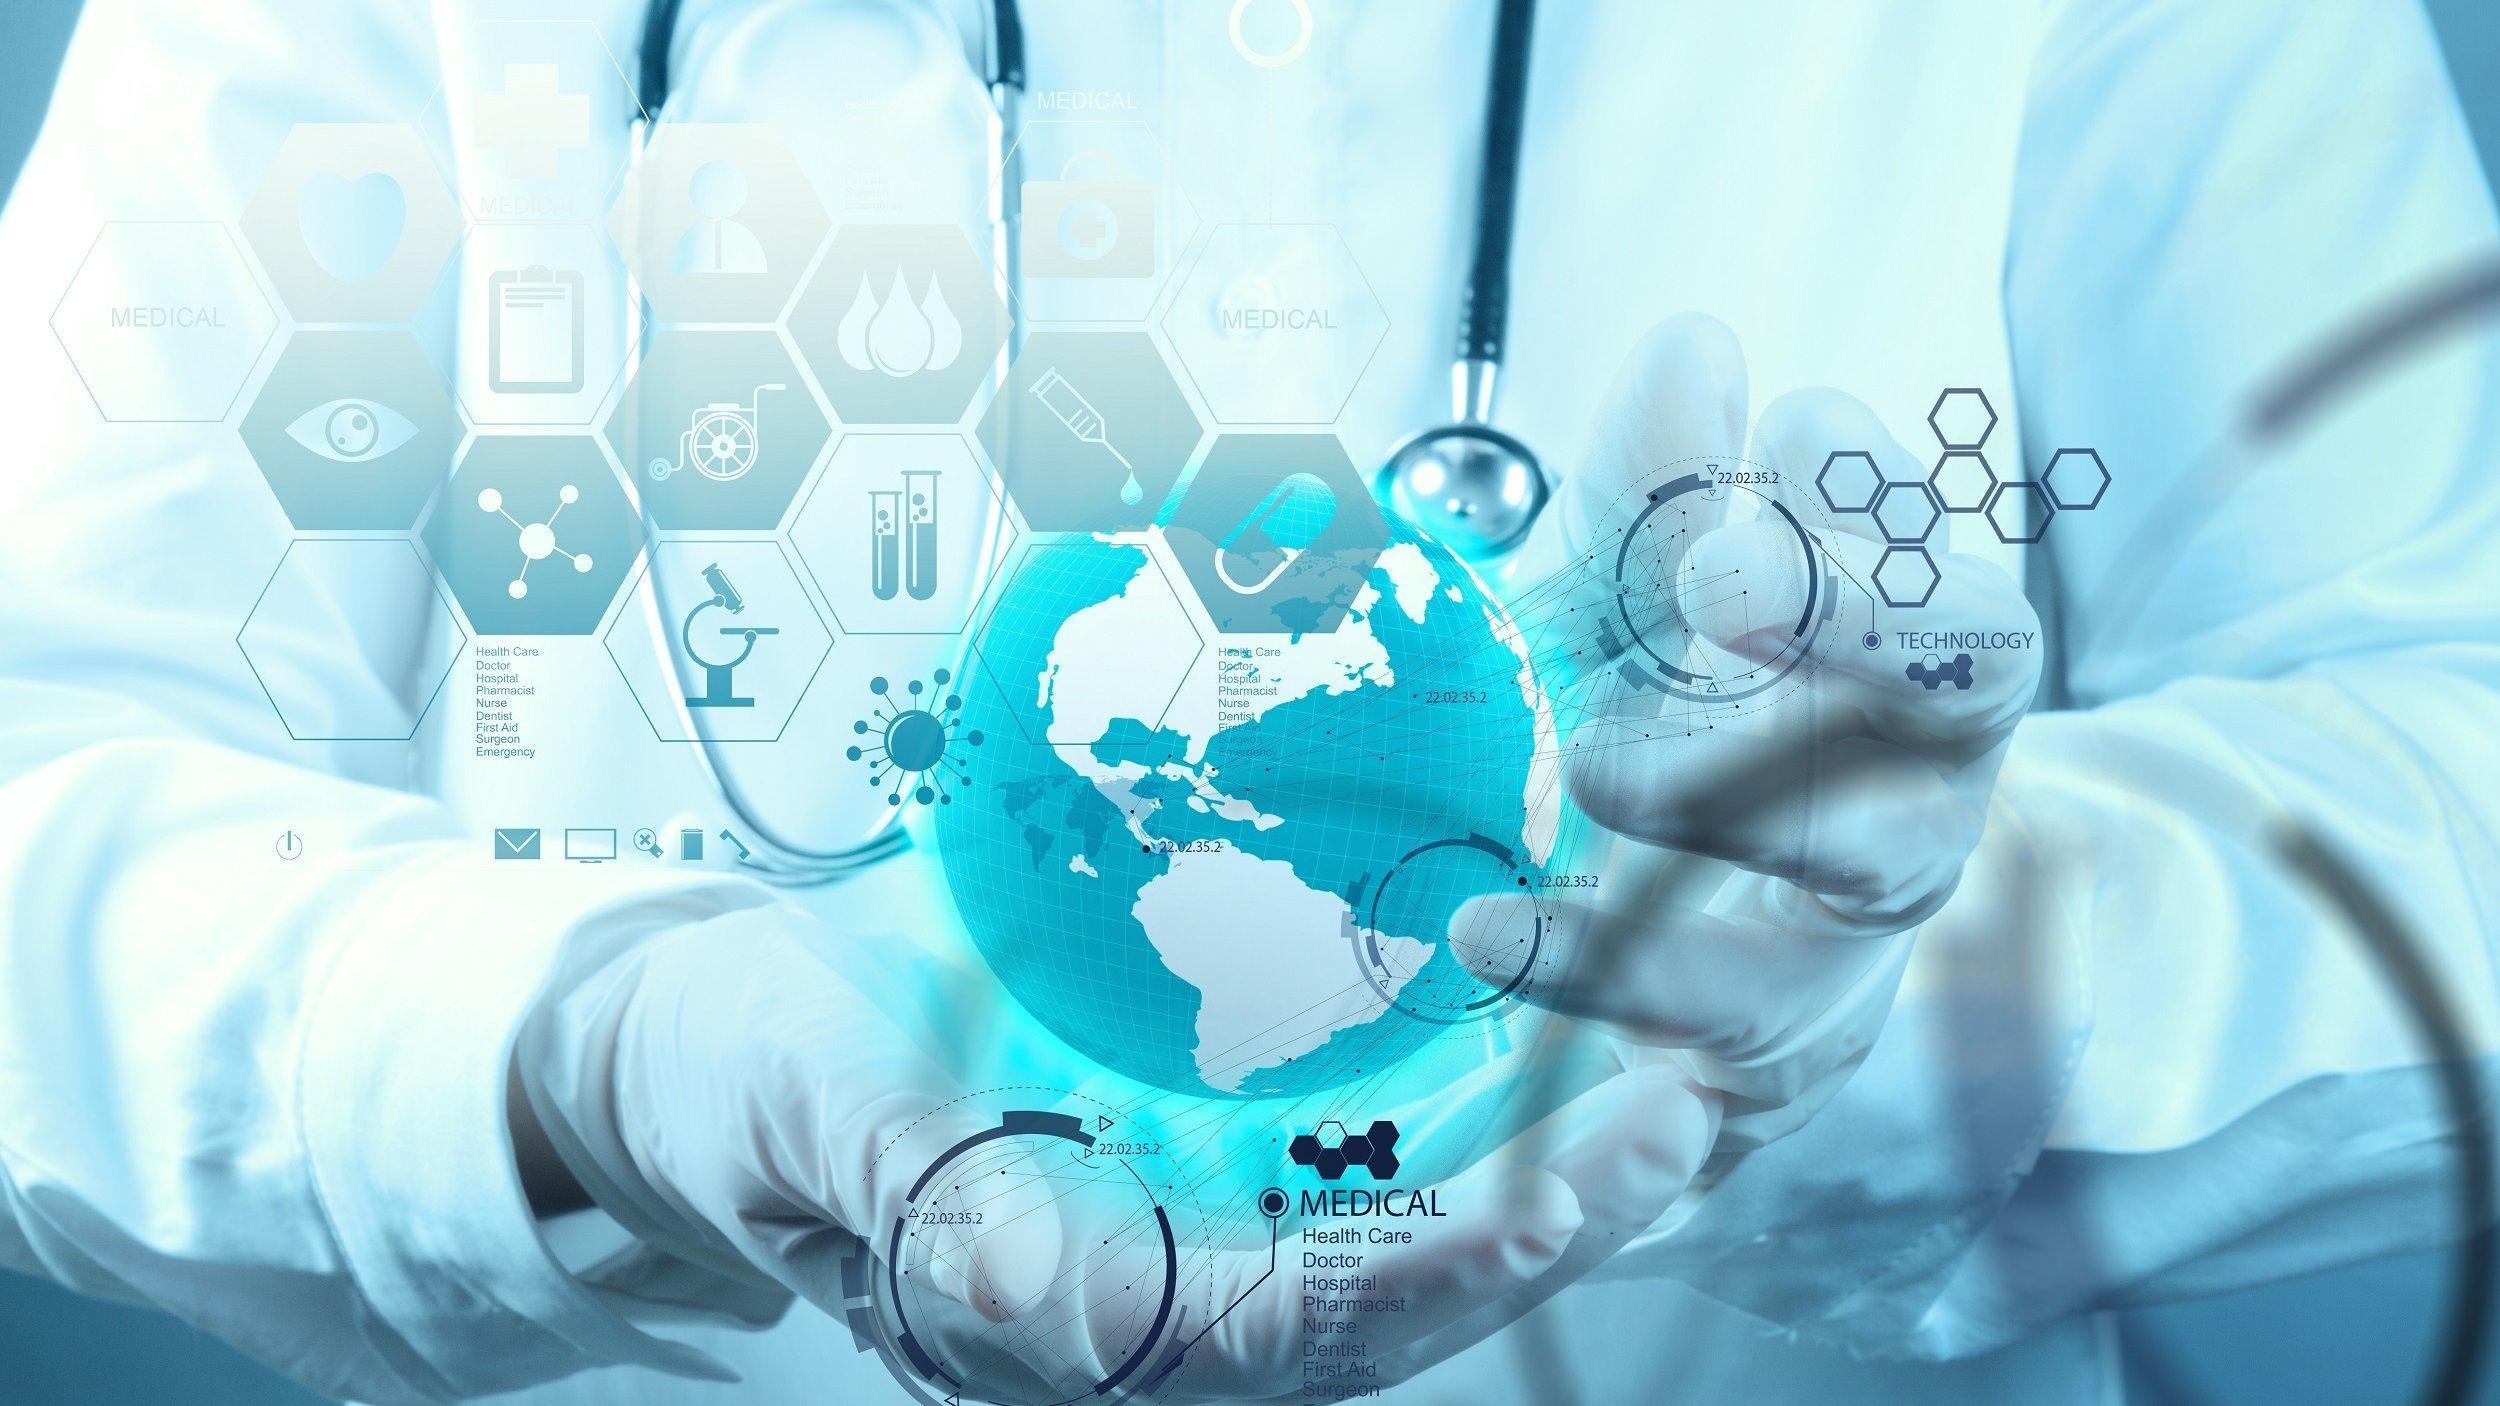 Ein Arzt trägt auf Händen eine symbolische Weltkugel, die von vielen biomedizinischen Symbolen auf einem Computermonitor umgeben ist.